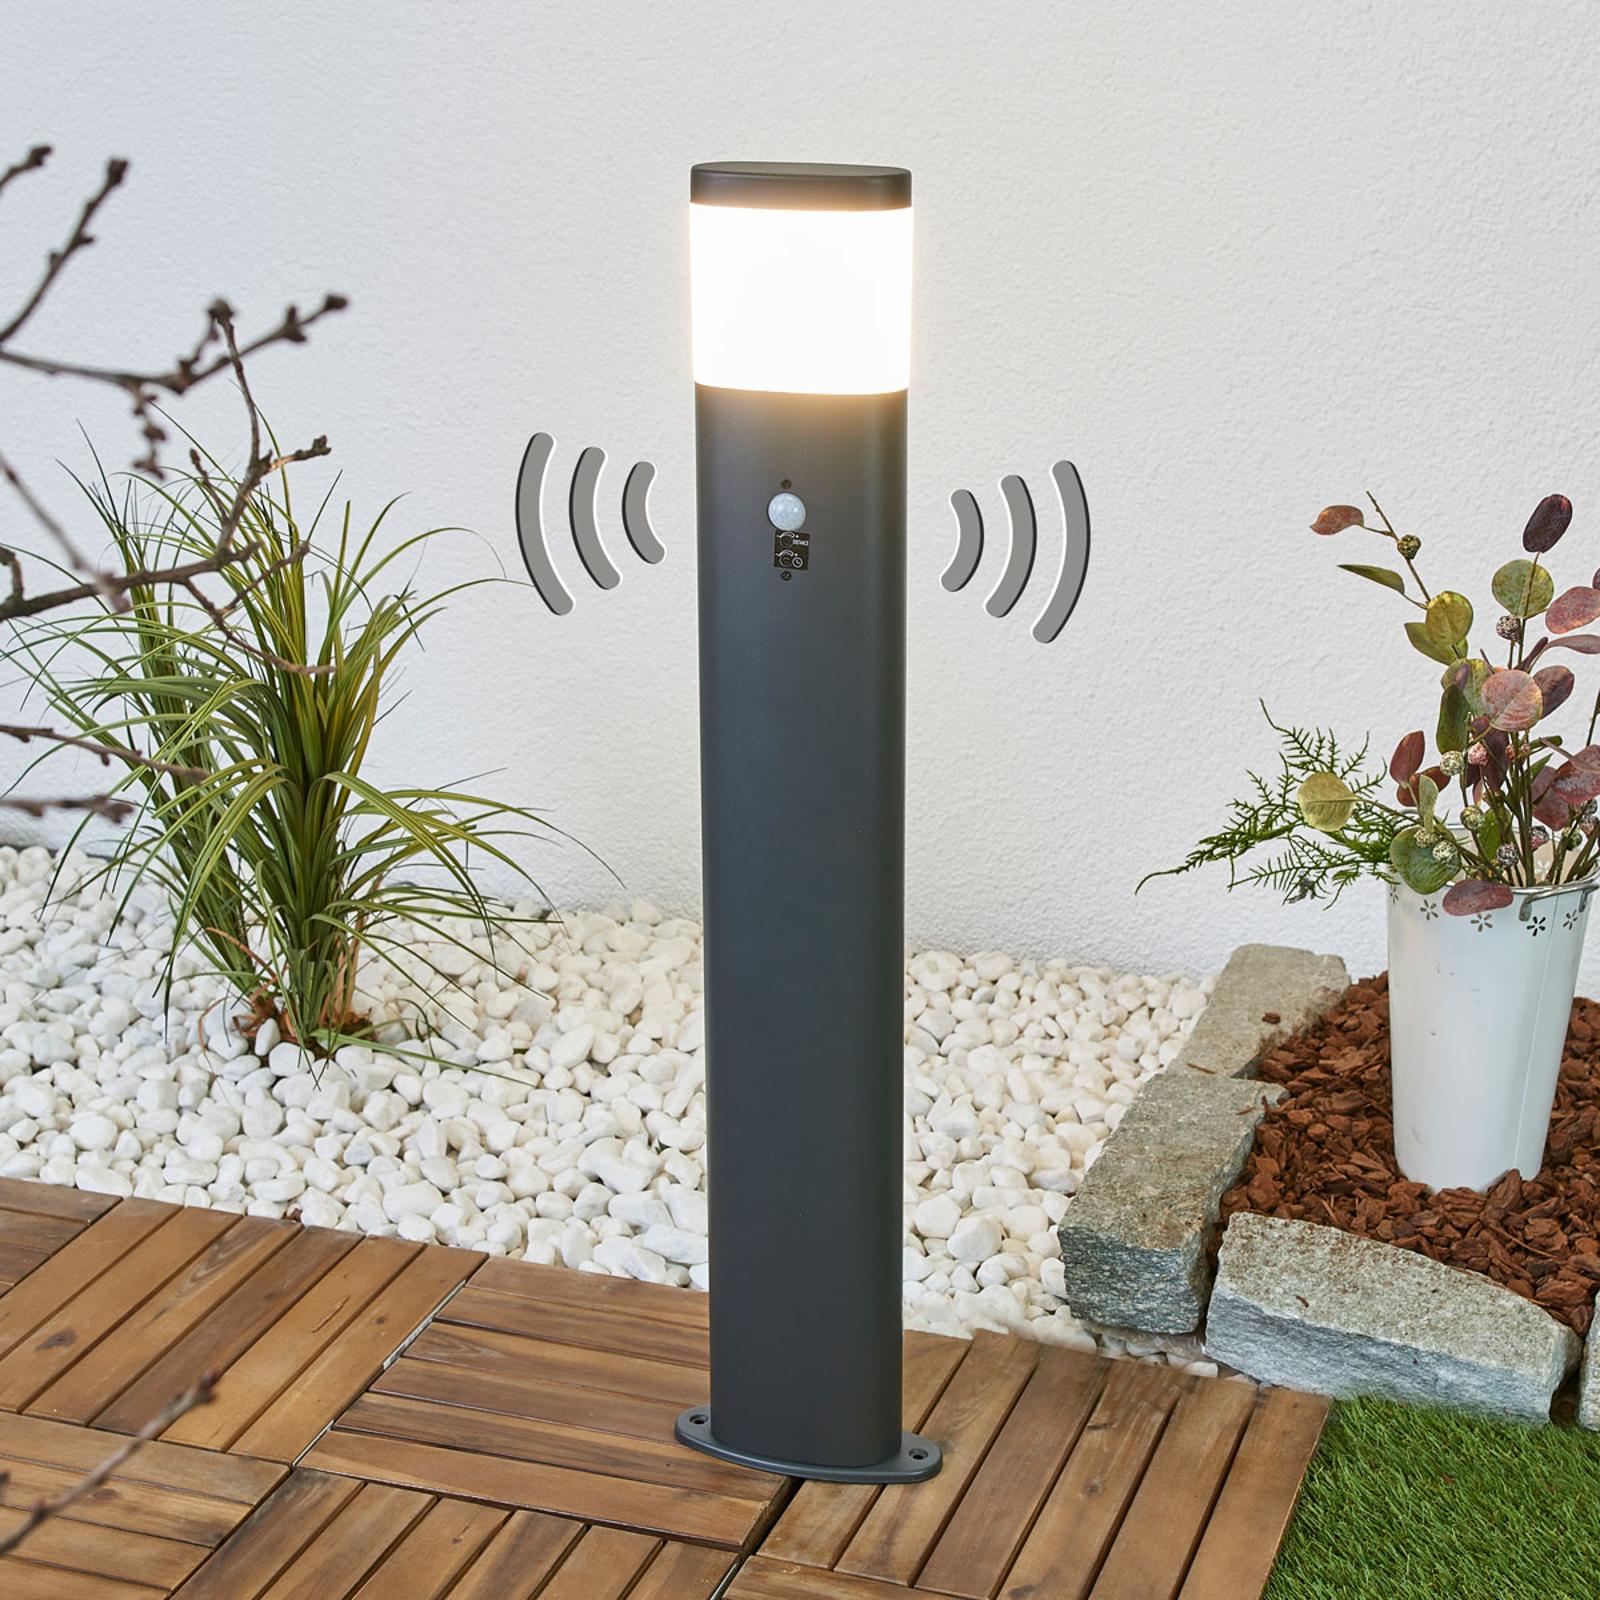 Słupek ogrodowy LED Marius z czujnikiem ruchu